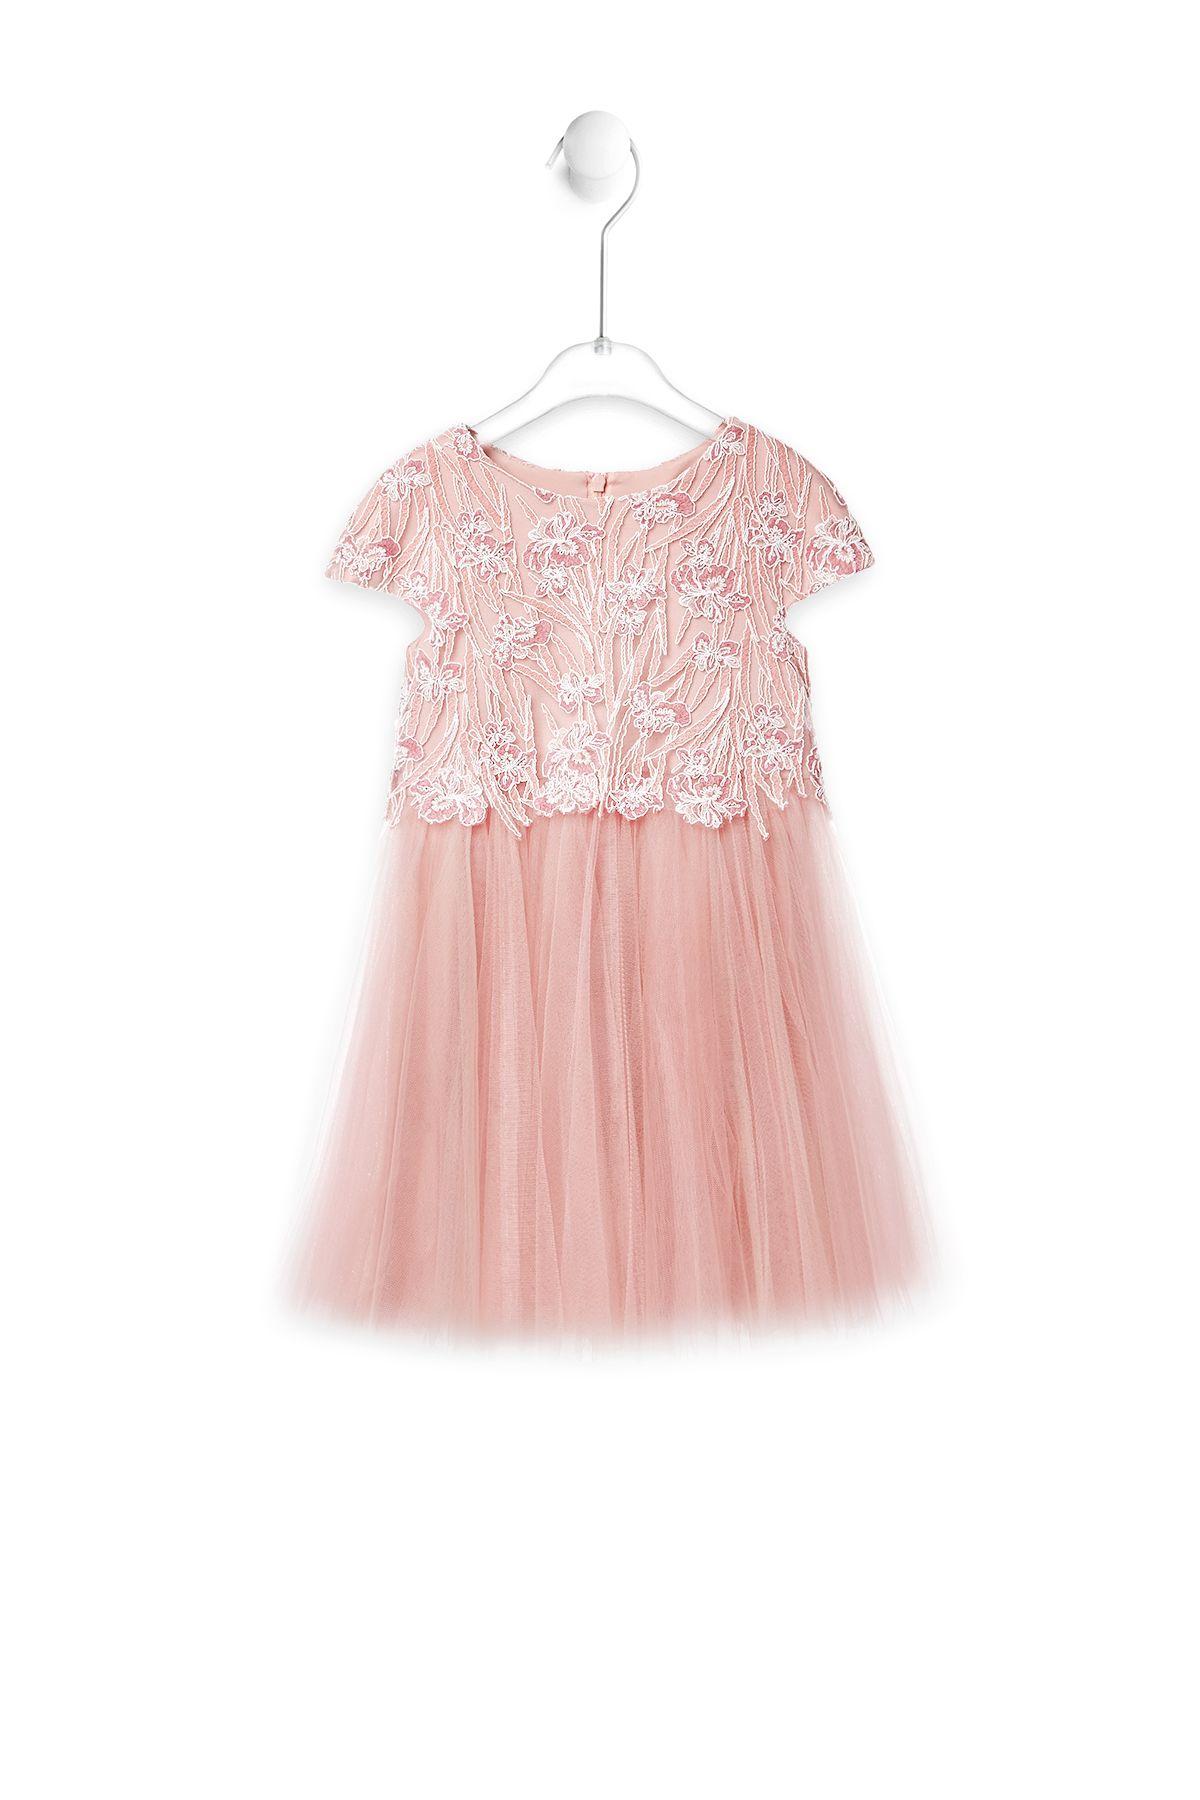 Tadashi Shoji Kids - Foxglove Dress | Tadashi Shoji Kids | Pinterest ...